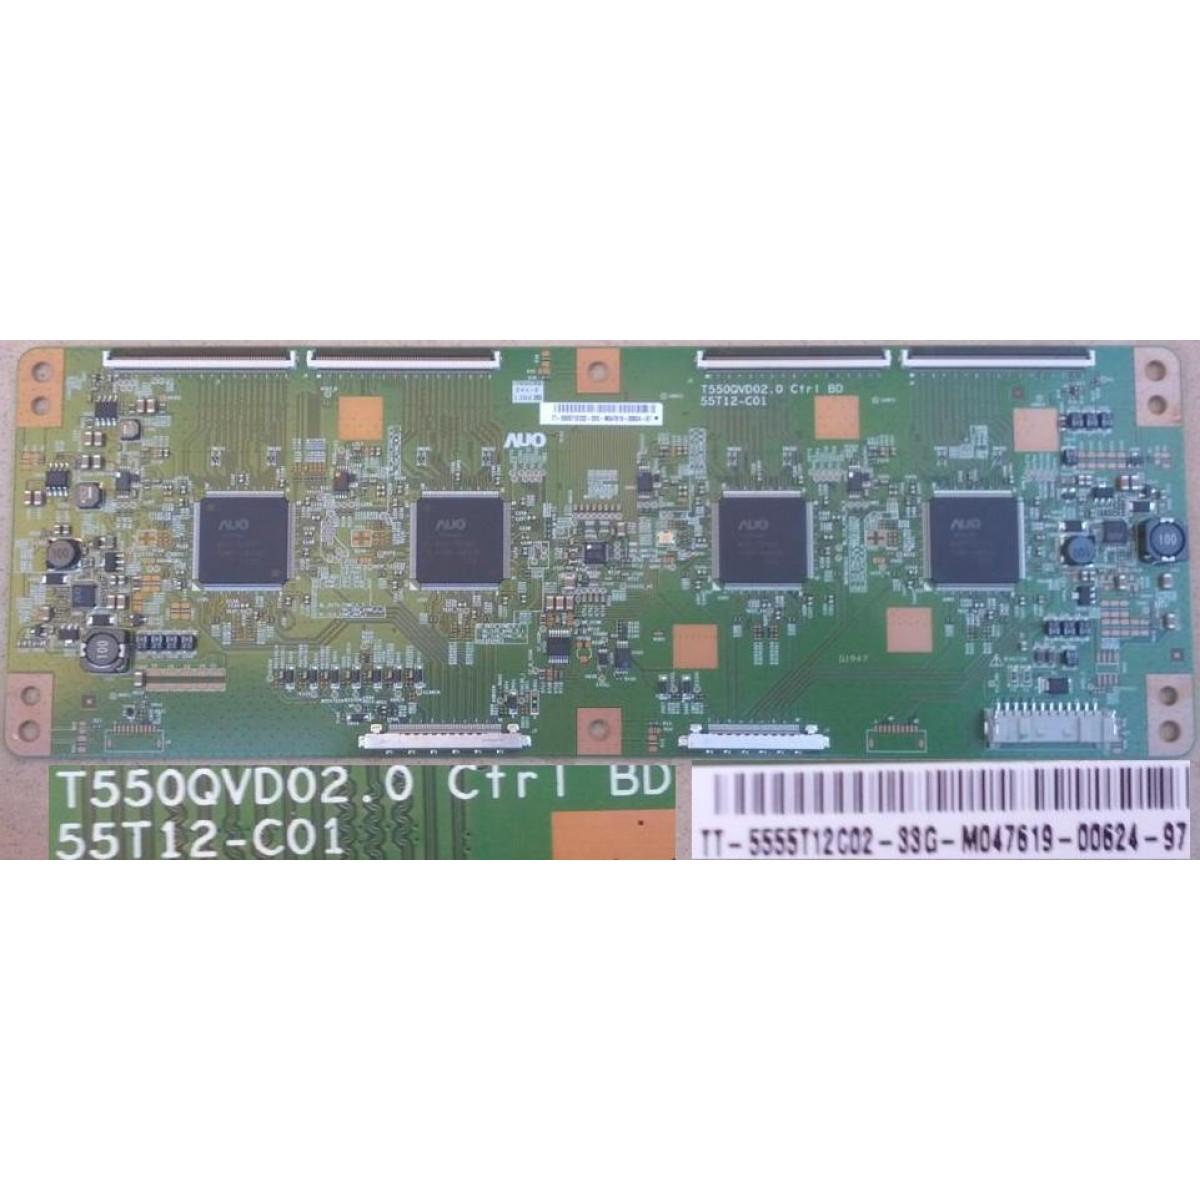 SONY KD55X9004A T-CON BOARD T550QVD02 0 55T12-C01 5555T12C02